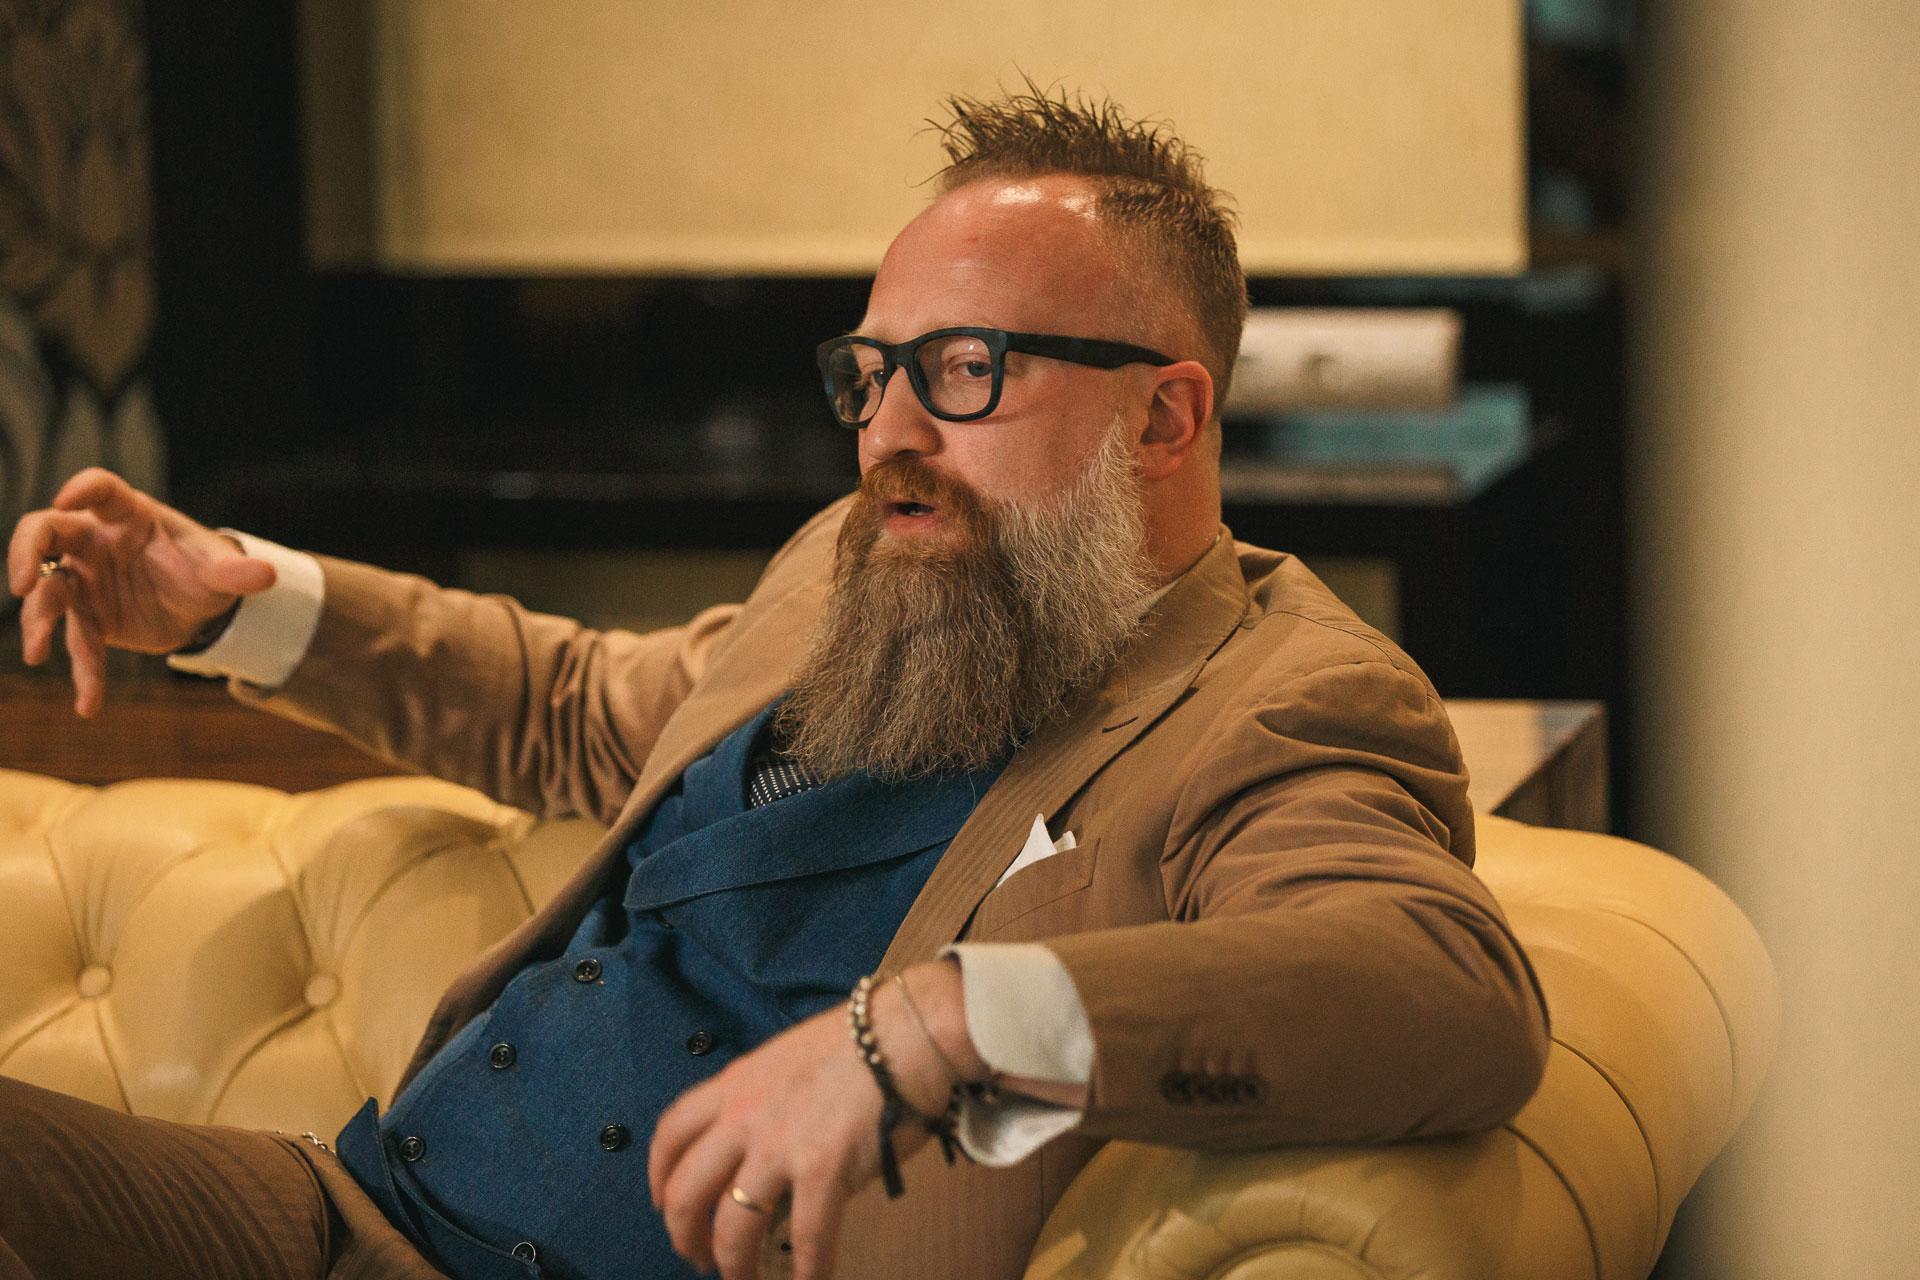 Дизайнер Андреа Падован: главный секрет итальянского костюма фото 13